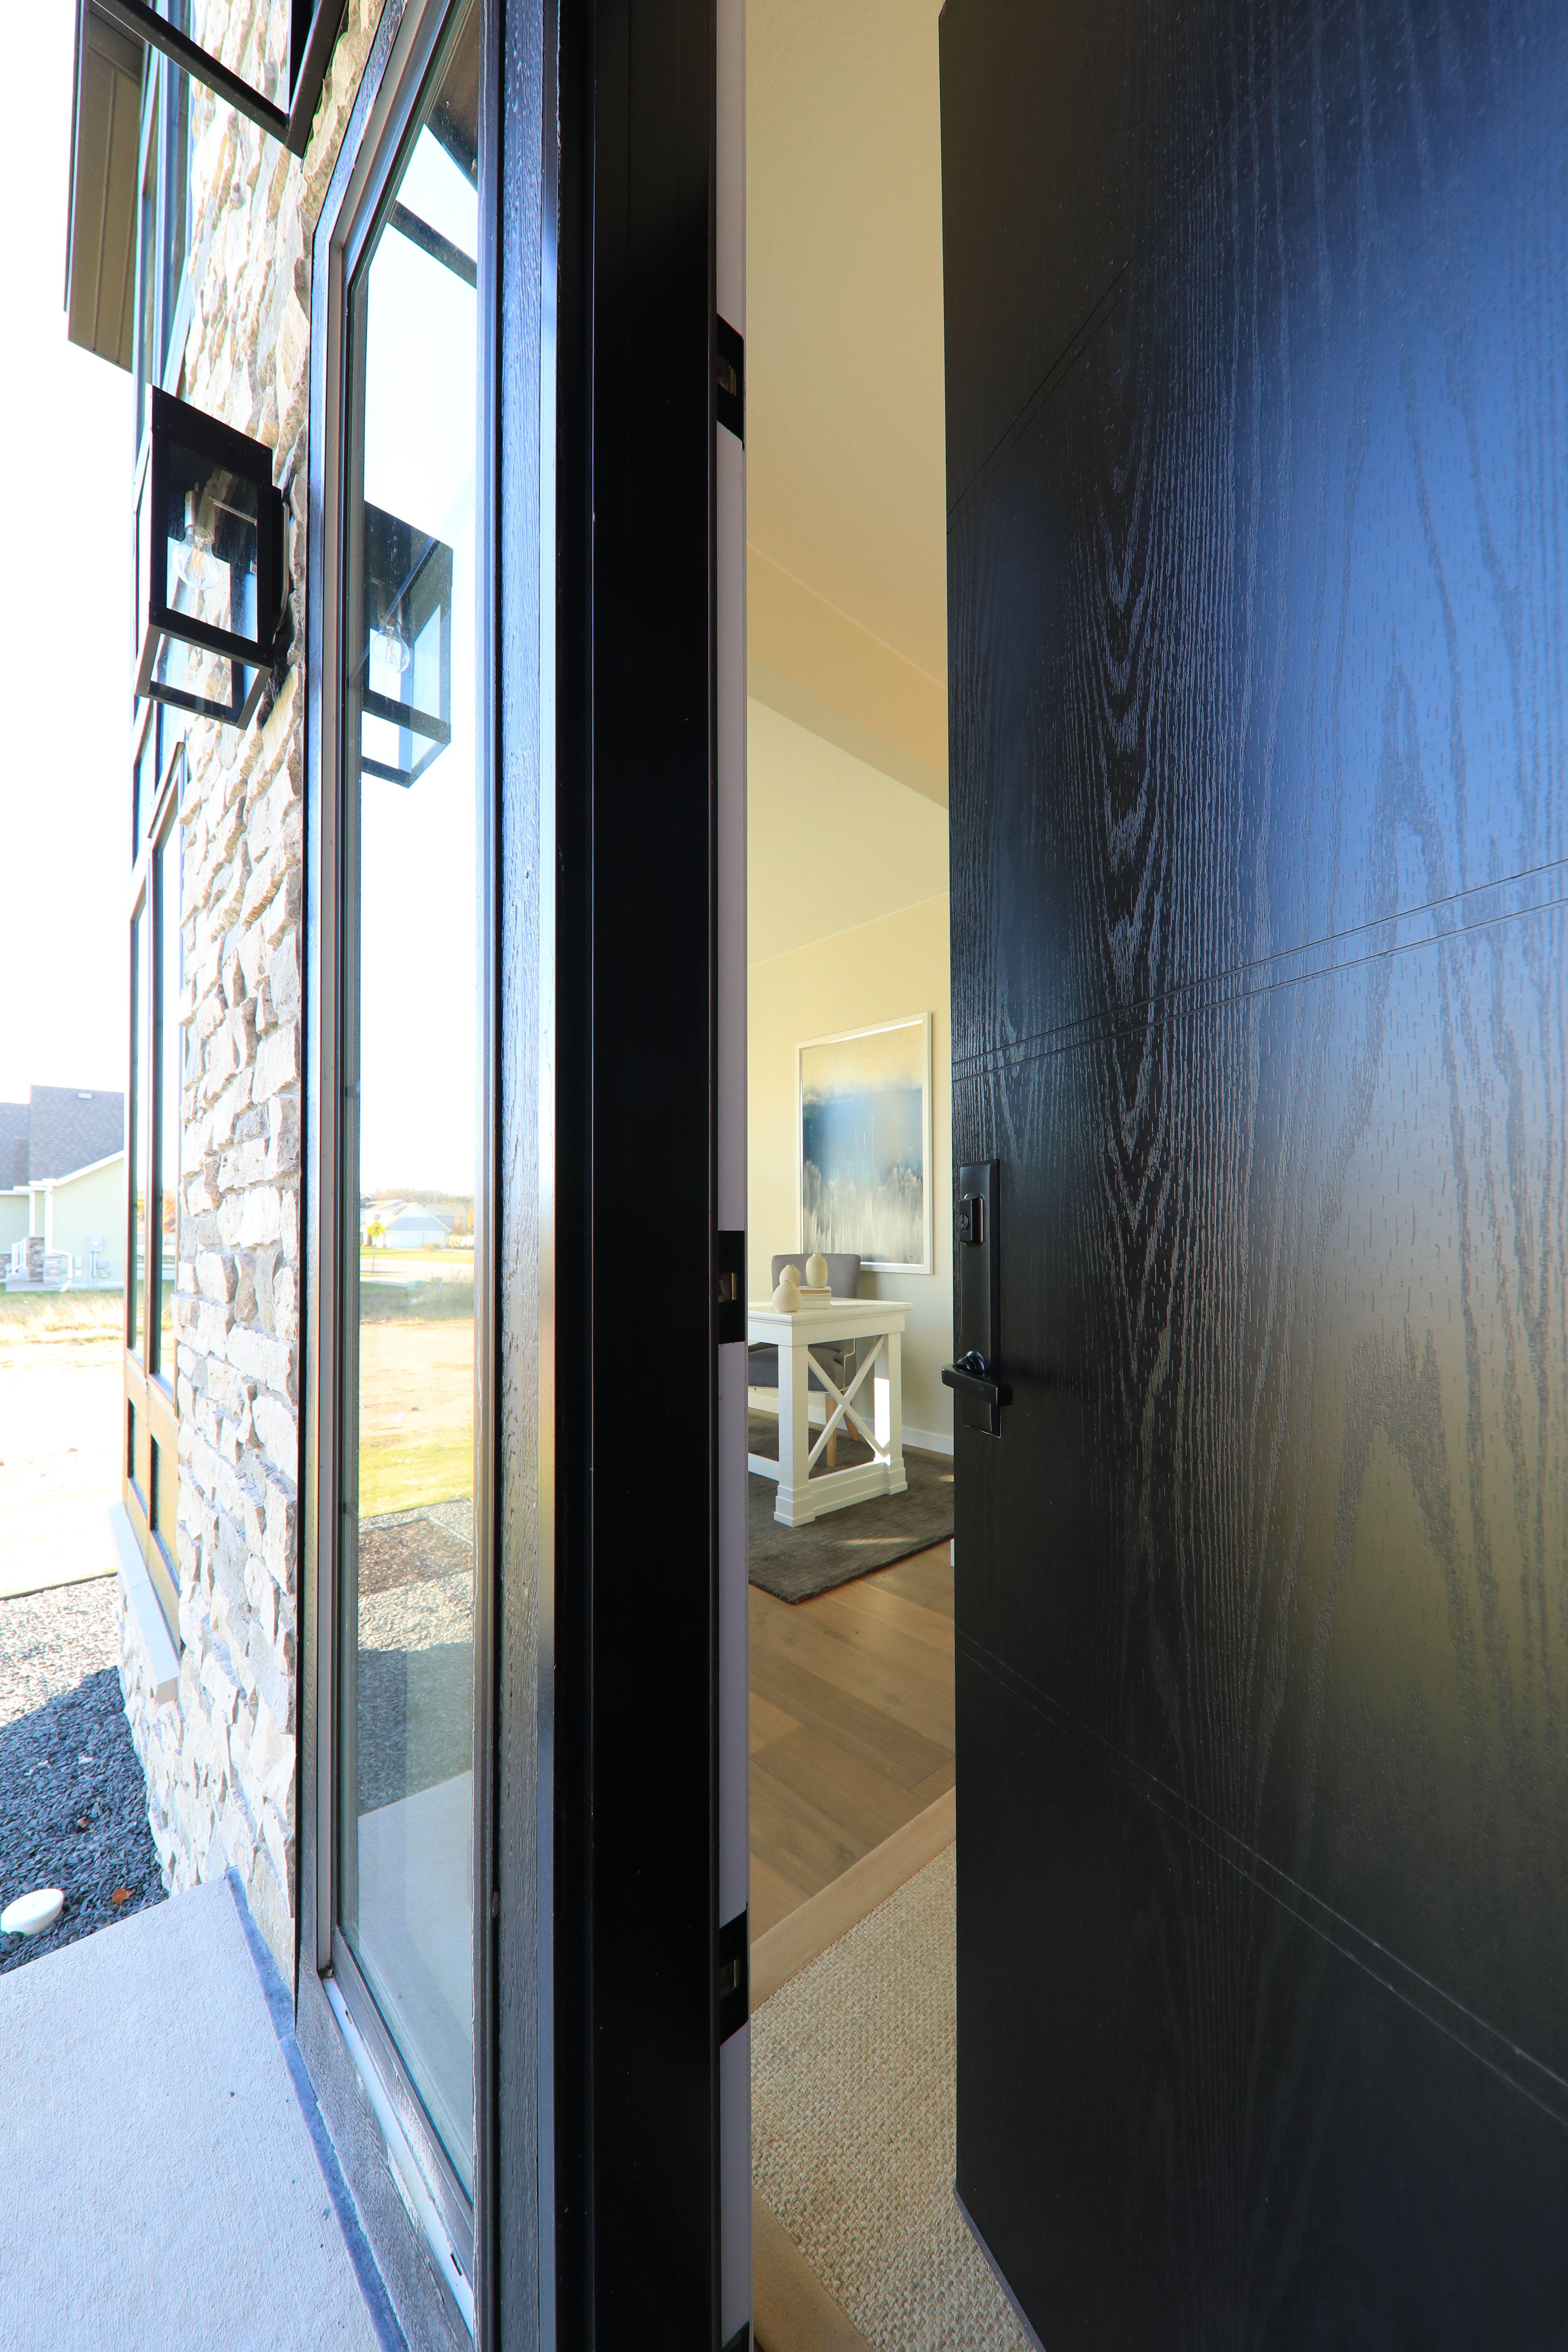 A Modern Take On An Oak Door In 2020 Fiberglass Exterior Doors Oak Doors Exterior Doors